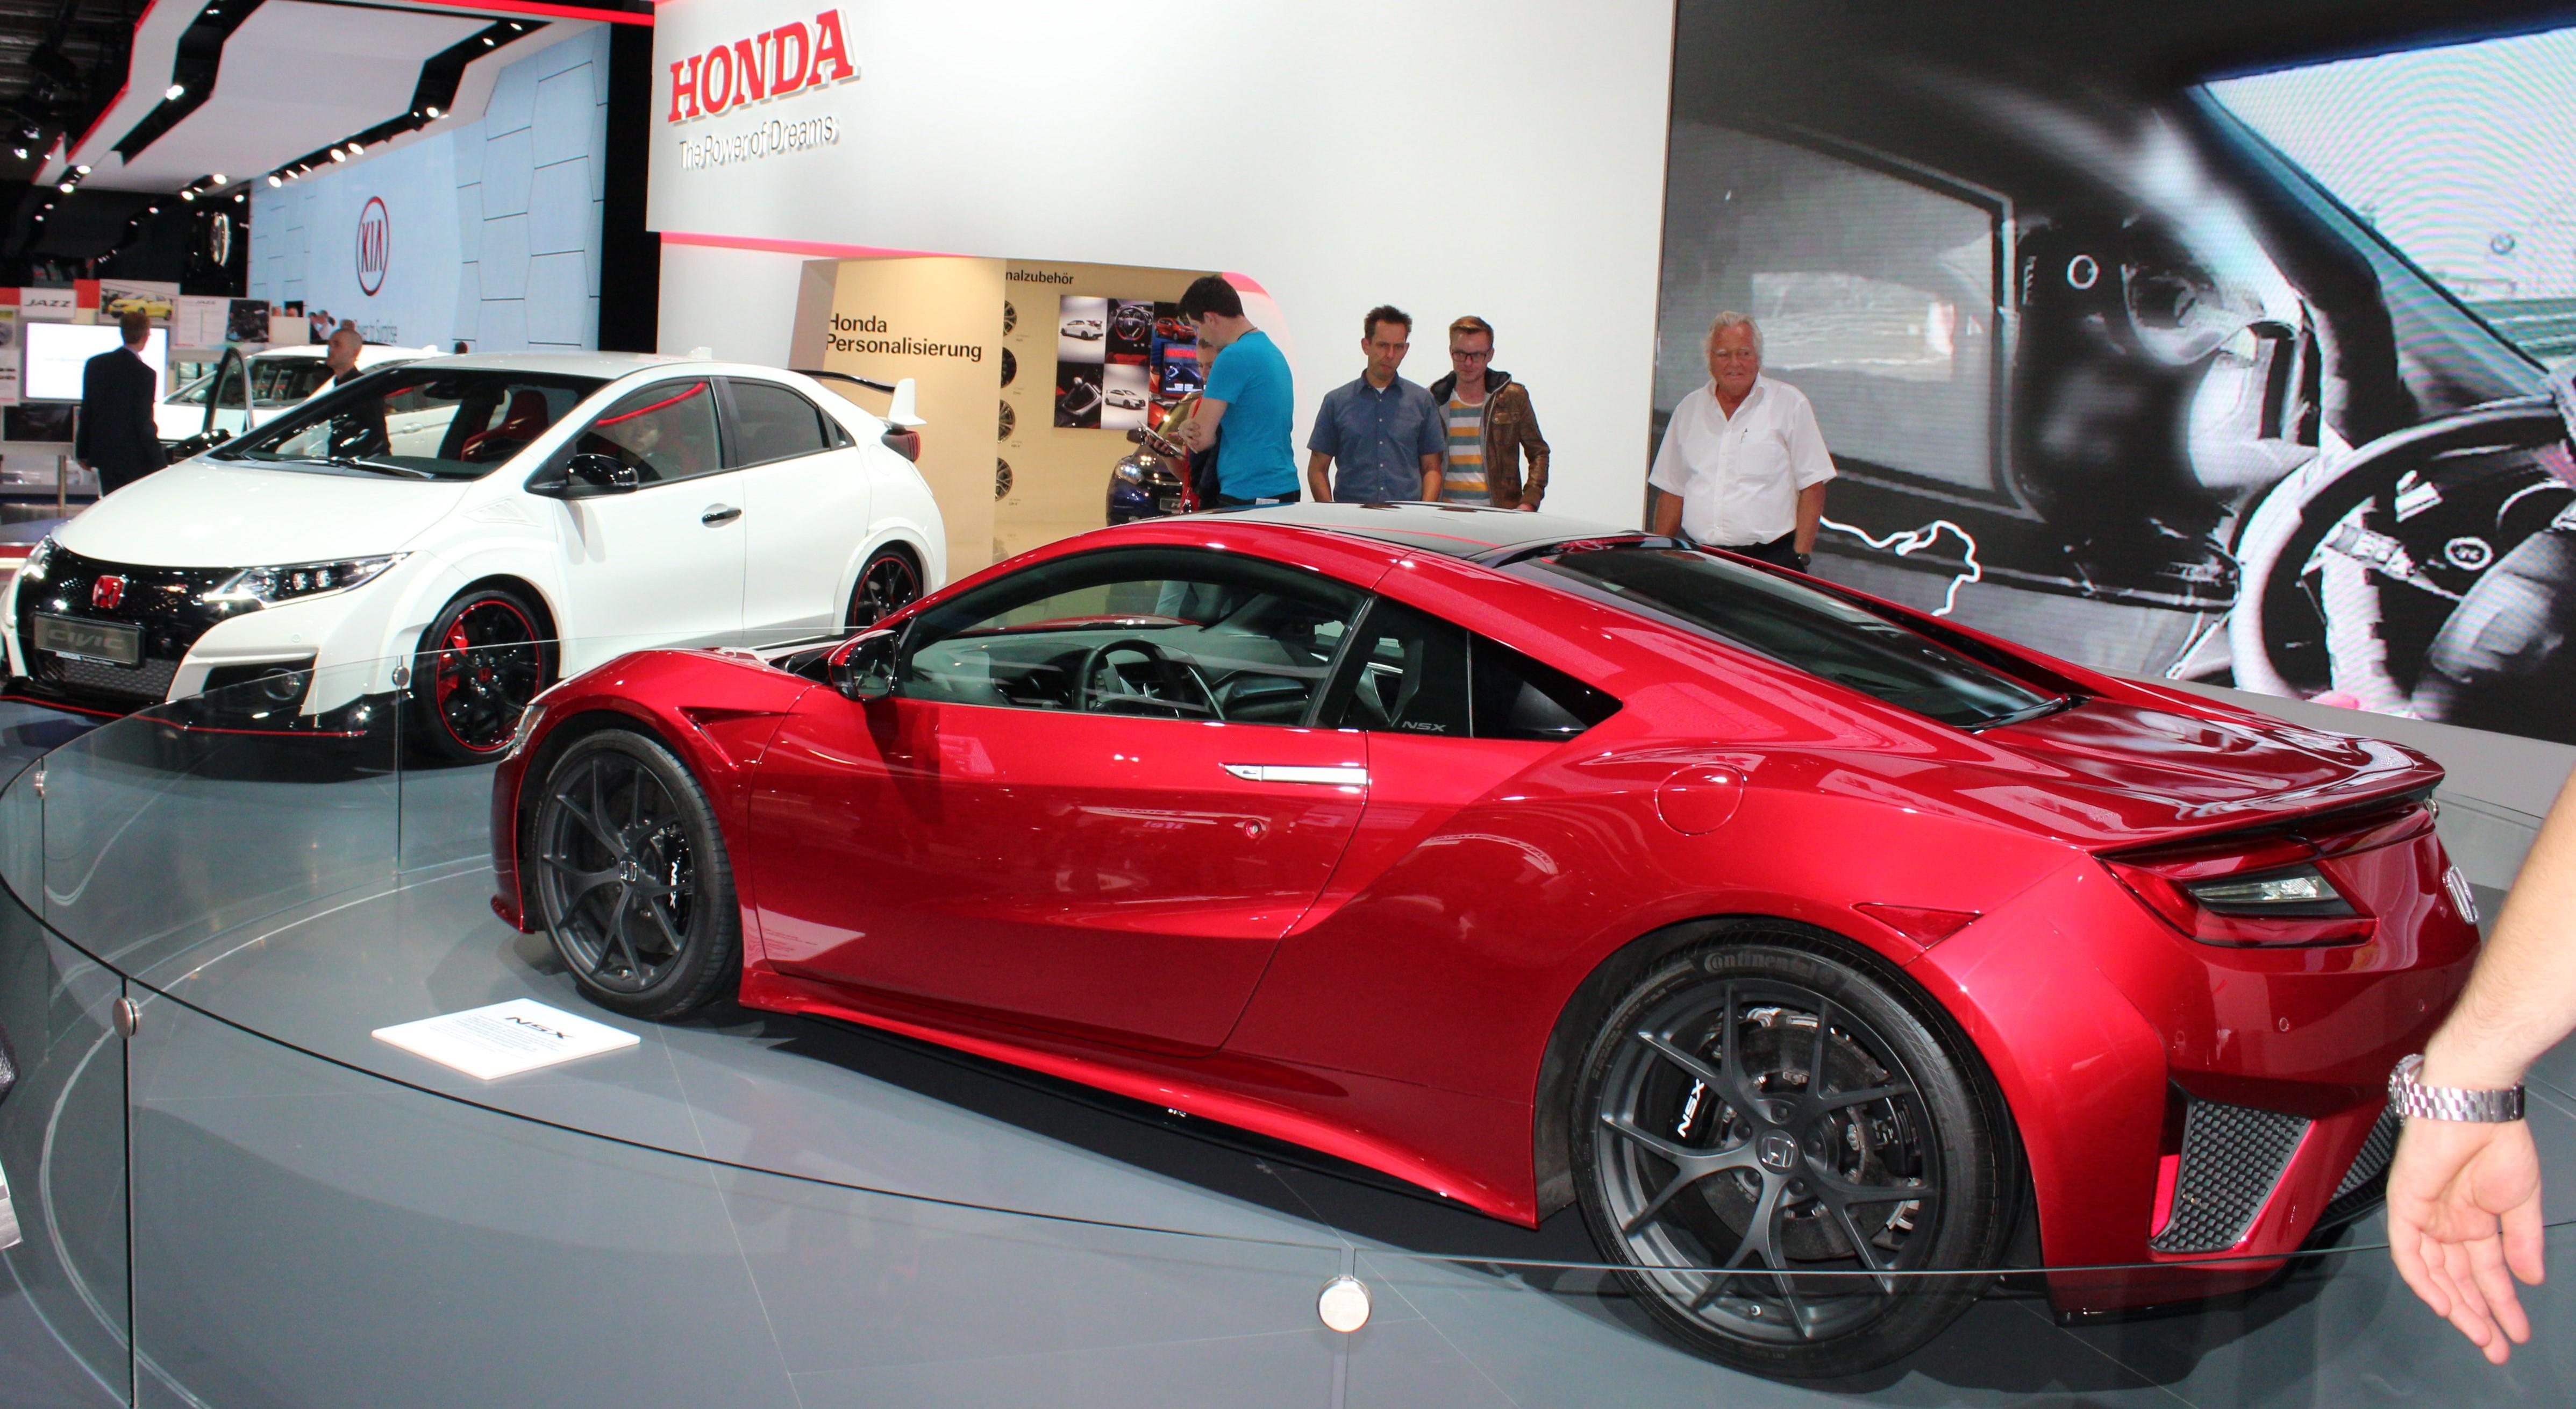 Nya avancerade Honda NSX ska ge Porsche 911 en riktig match. I bakgrunden nya Civic Type-R, en värsting som strimlar sönder Golf R med 310 turbo-laddade hästkrafter.